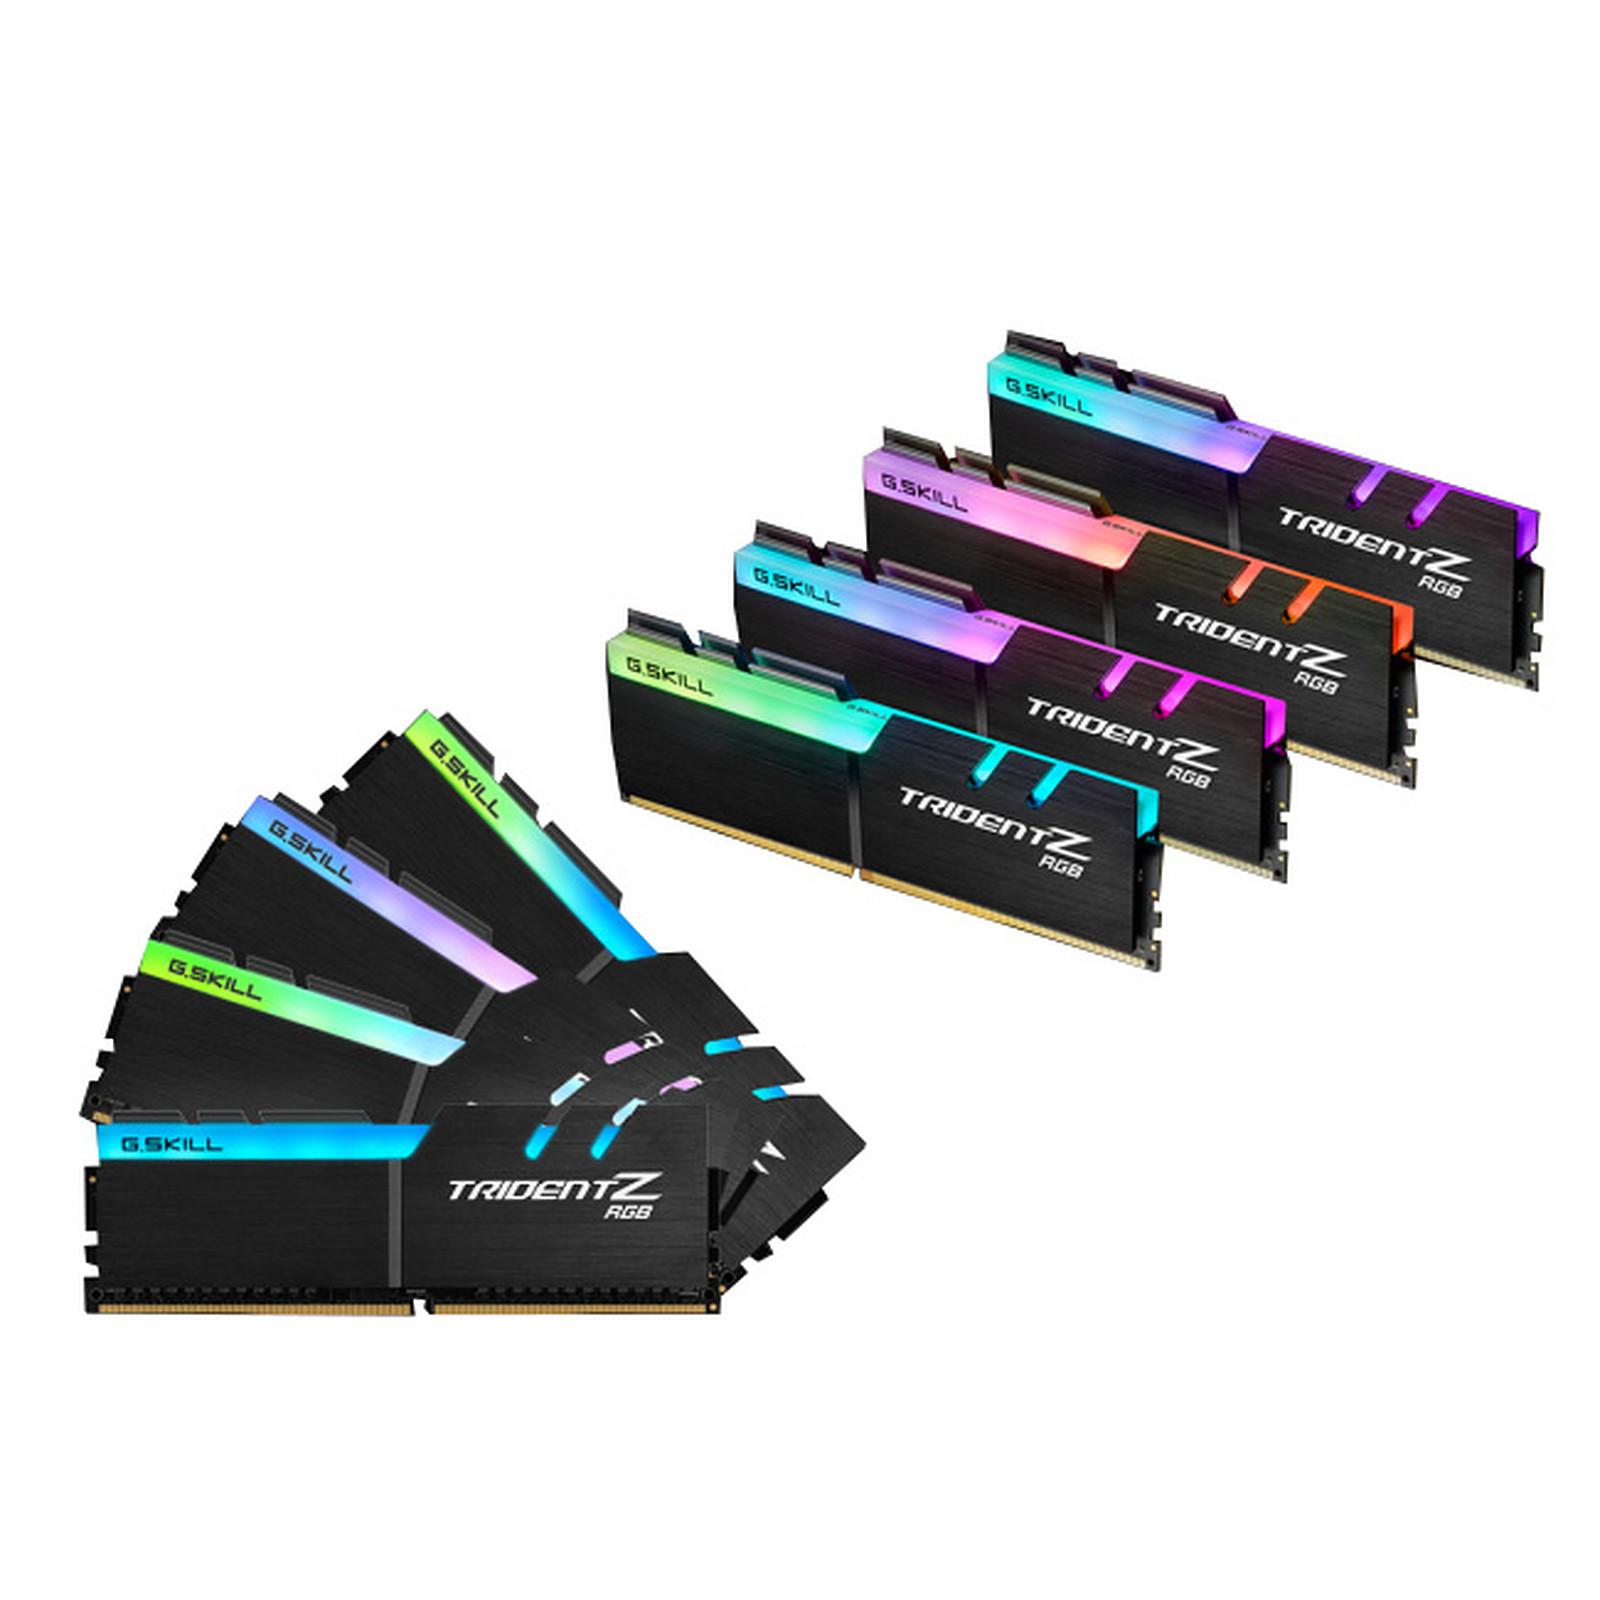 G.Skill Trident Z RGB 128 Go (8x 16 Go) DDR4 2933 MHz CL16